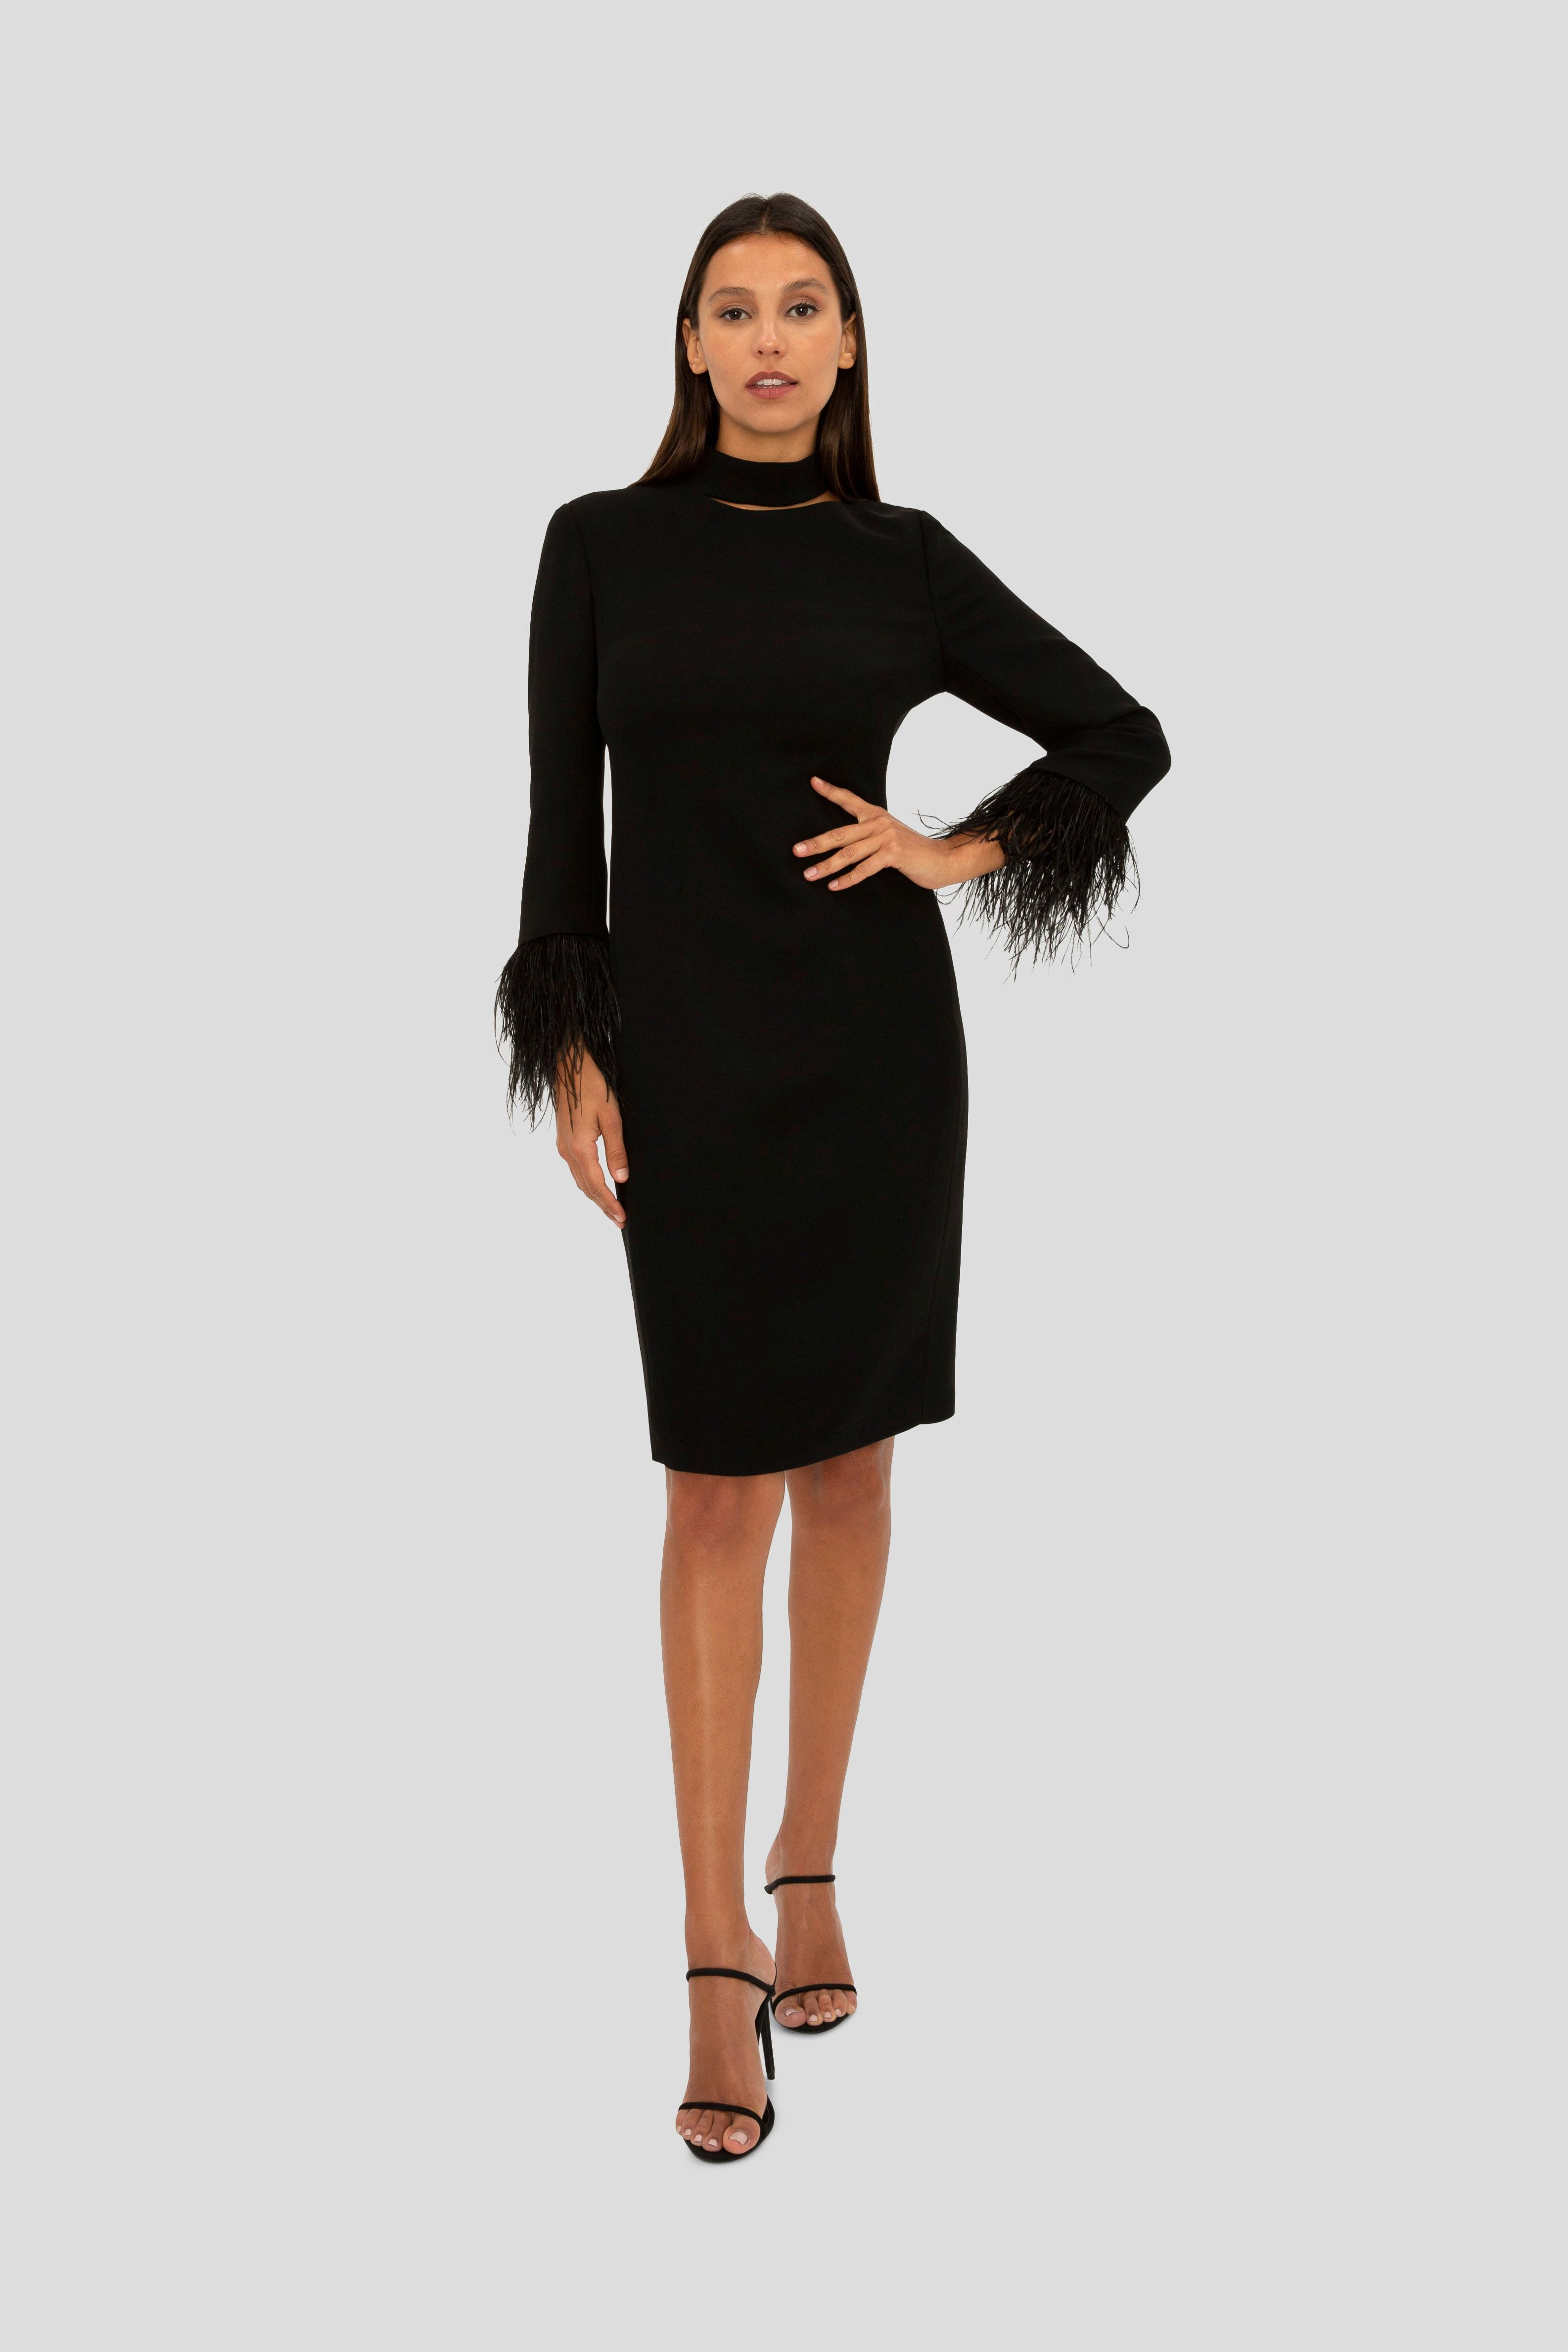 Black Feather Trim Mini Dress Missguided Mini Dress Black Feather Dress 70s Inspired Fashion [ 2607 x 1800 Pixel ]